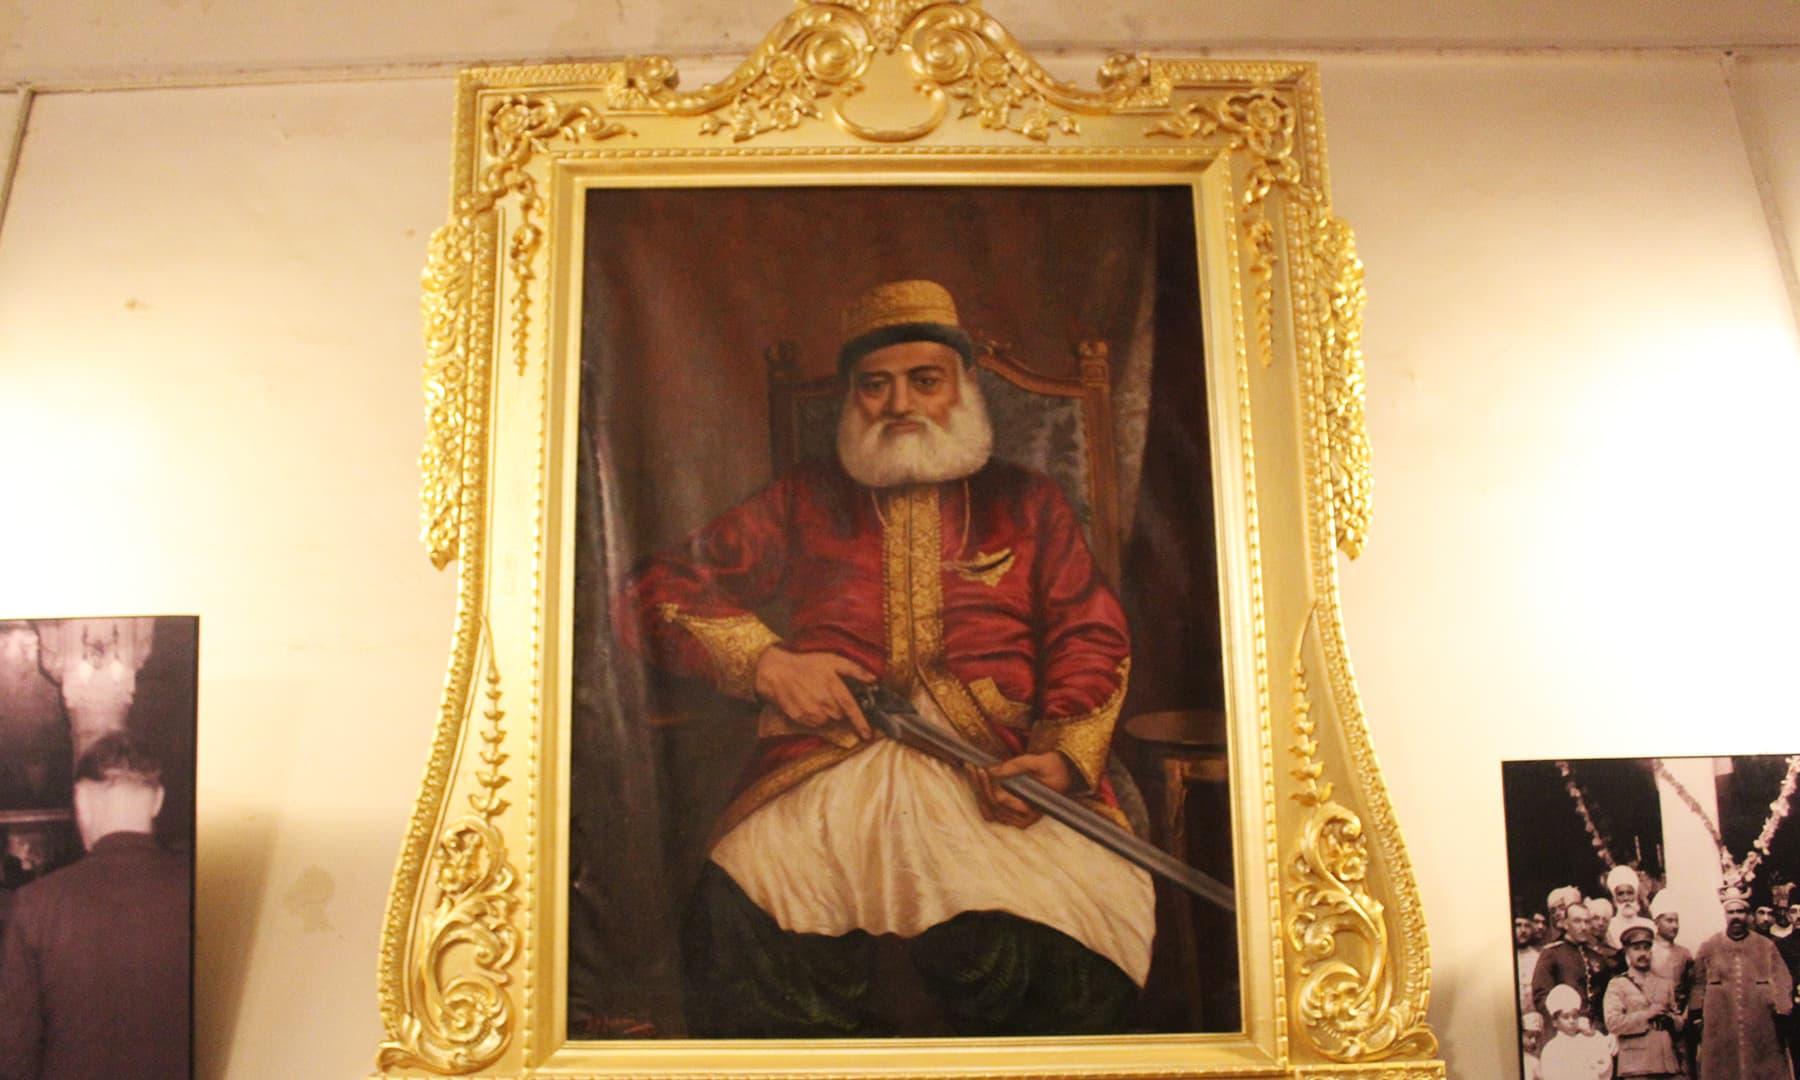 فیض میں محل تالپور حکمرانوں کی تصوریں بھی آویزاں ہیں—تصویر اختر حفیظ